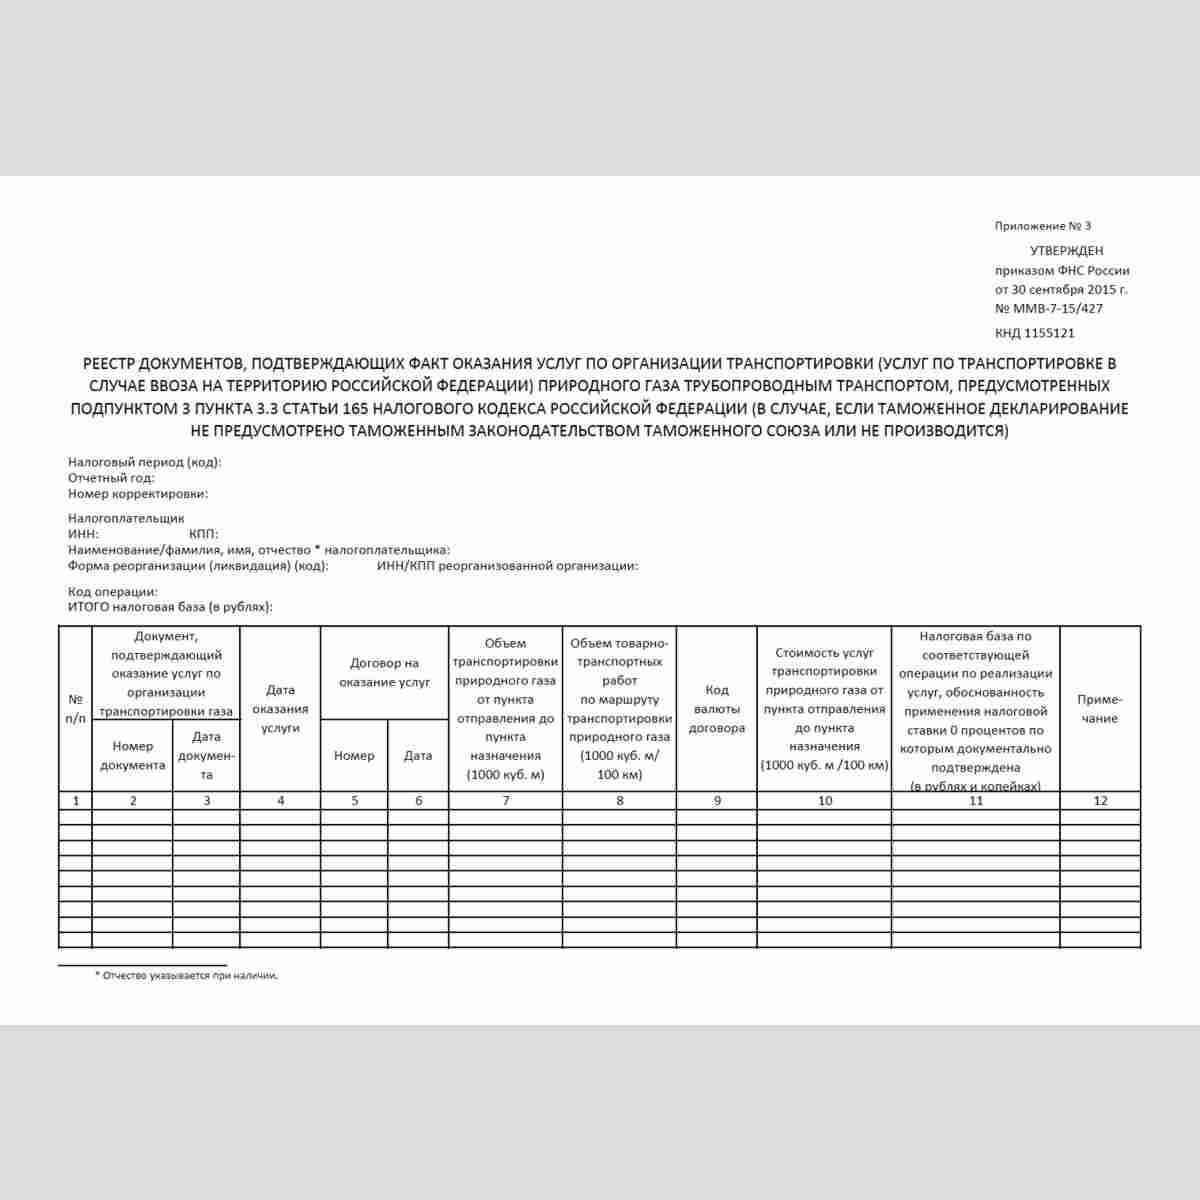 """Форма КНД 1155121 """"Реестр документов, подтверждающих факт оказания услуг по организации транспортировки (услуг по транспортировке в случае ввоза на территорию Российской Федерации) природного газа трубопроводным транспортом, предусмотренных подпунктом 3 п"""